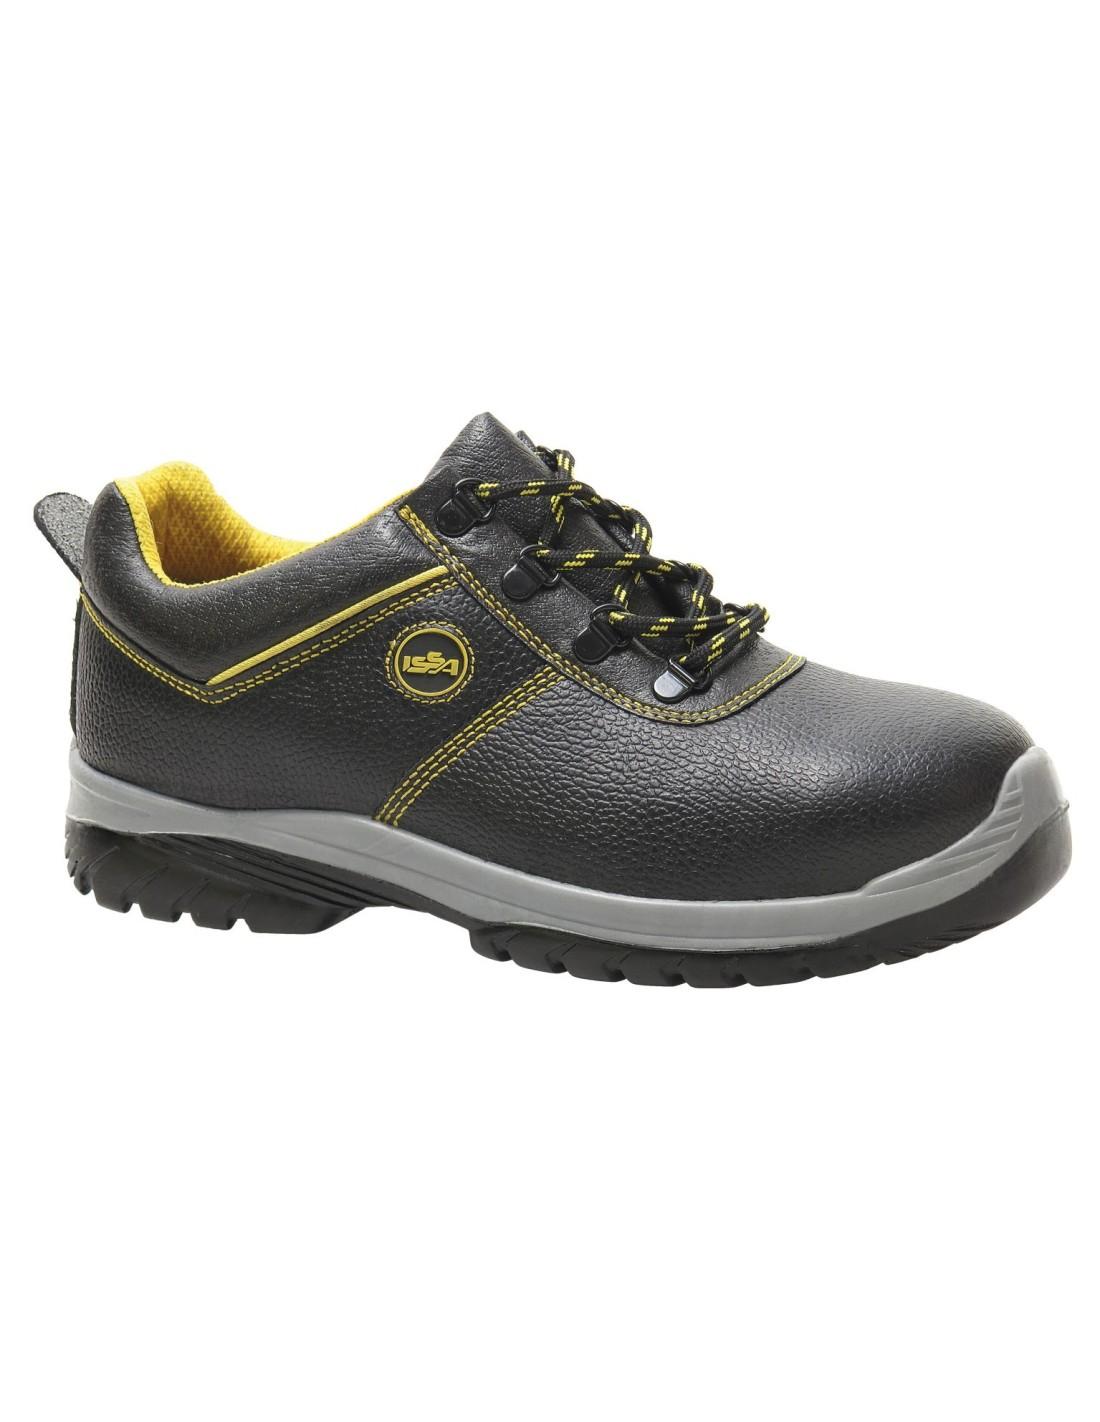 Zaptao de seguridad baratos - Zapatos de seguridad baratos ...